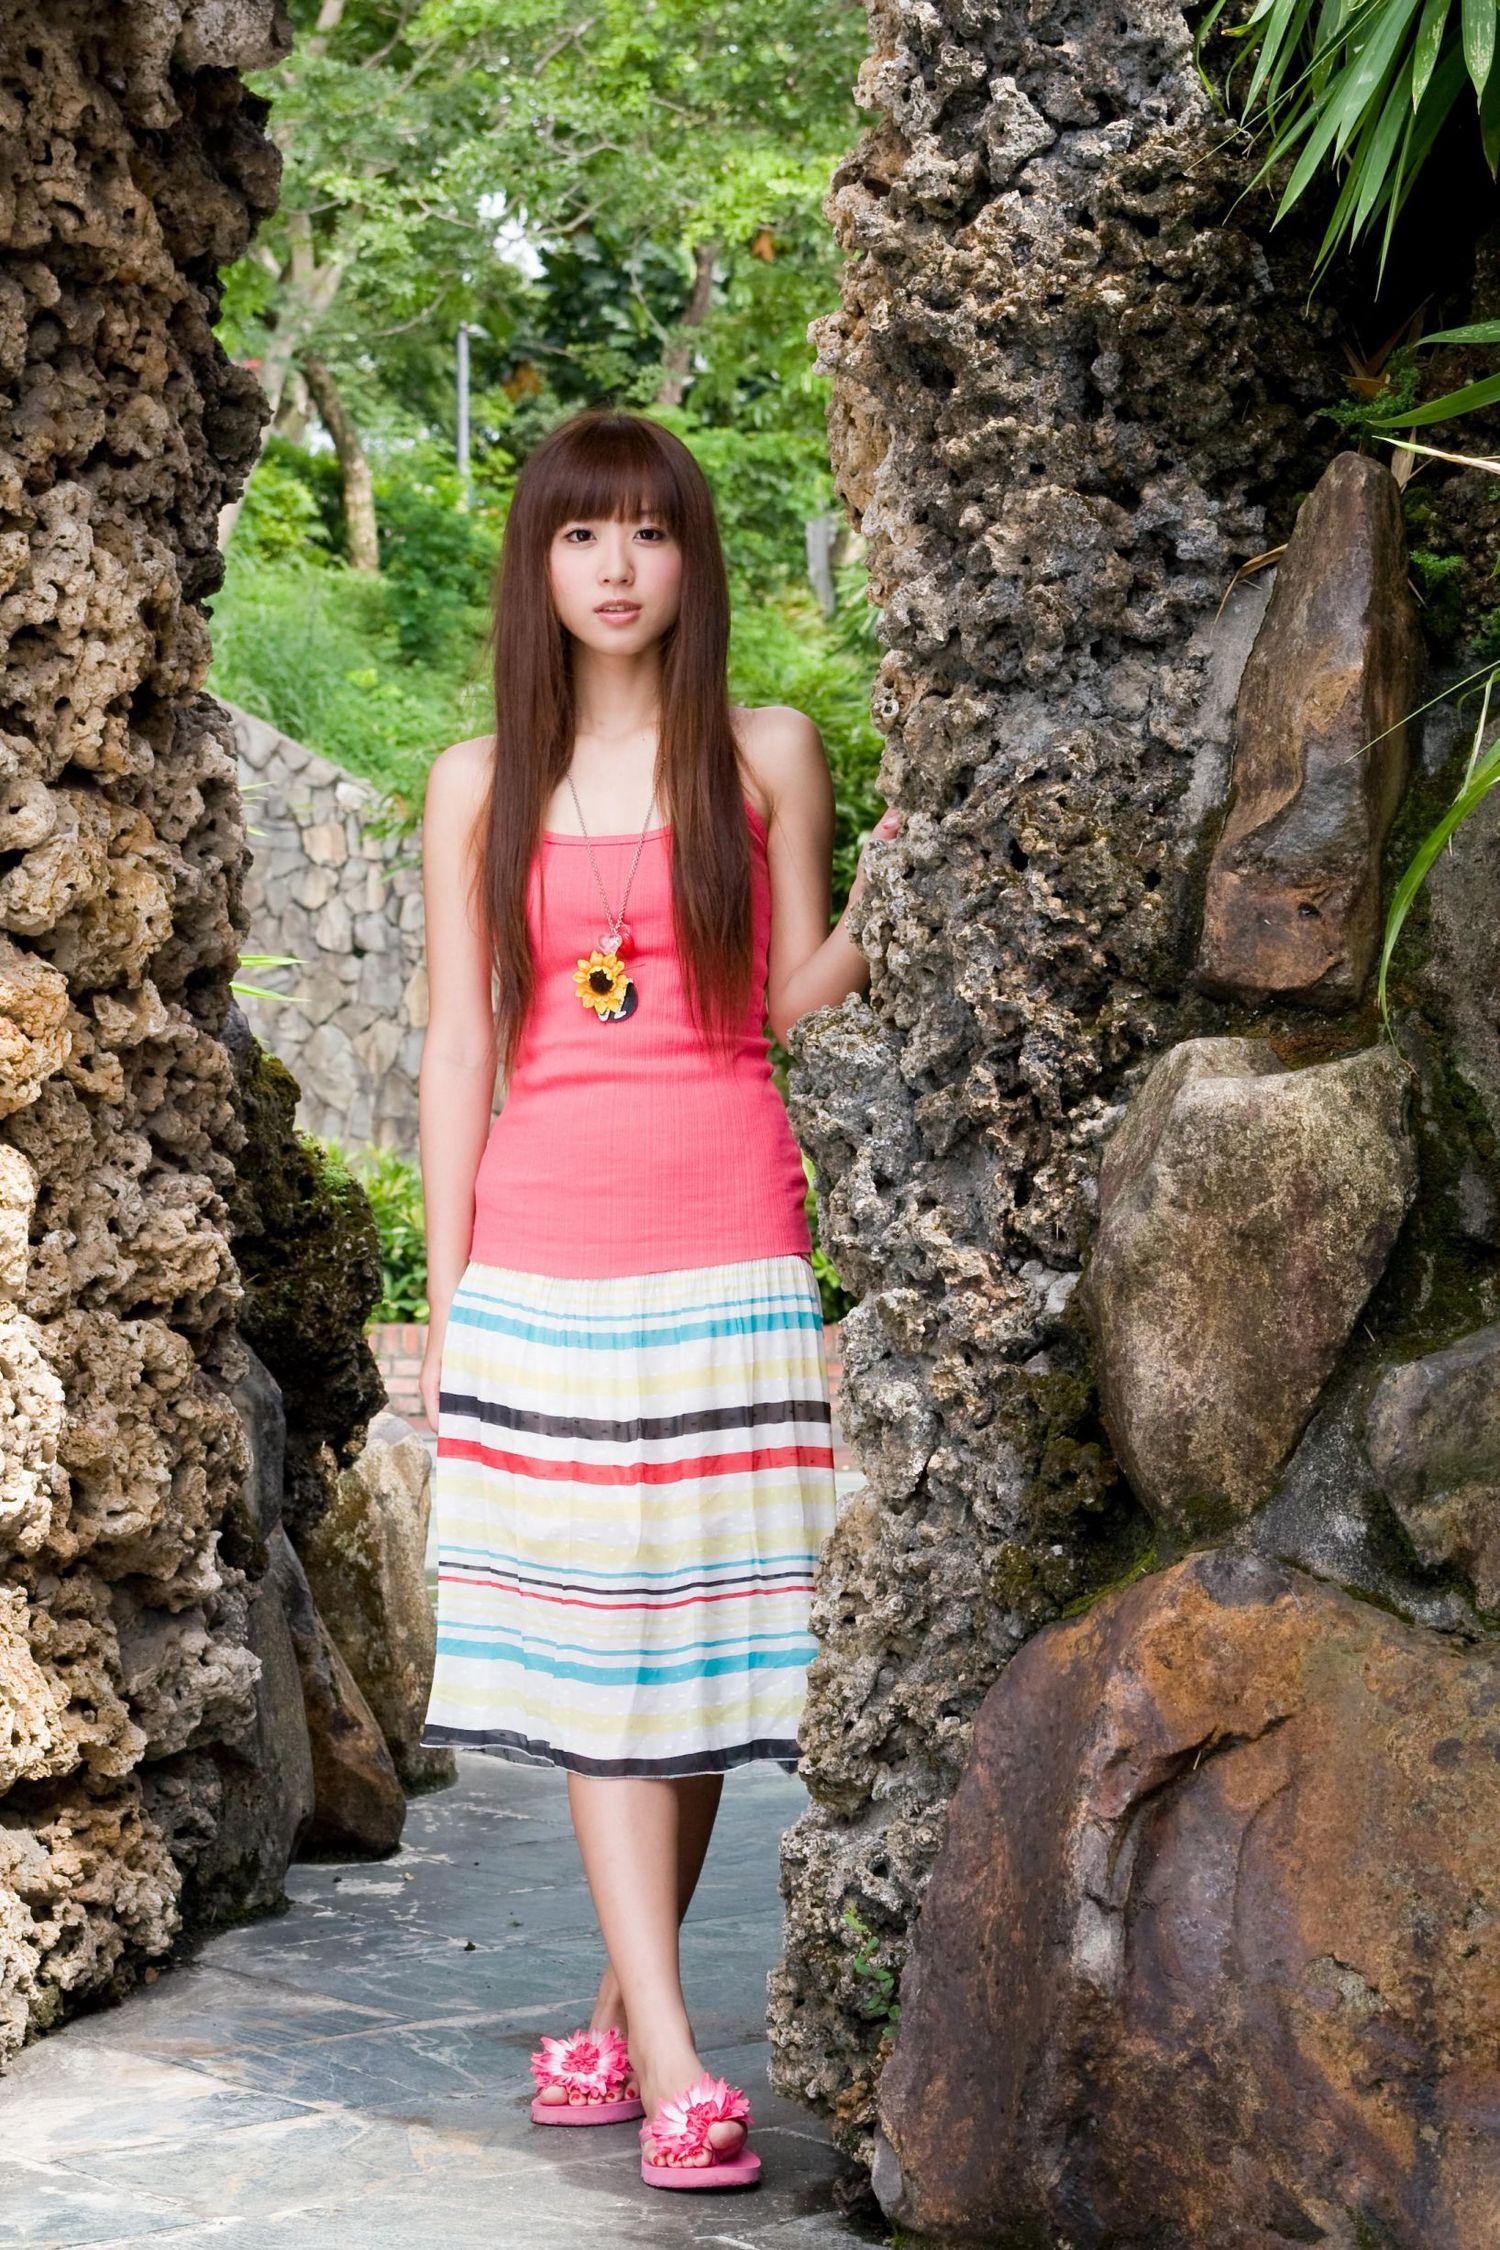 台湾美女洪诗/洪诗涵《小清新甜美外拍》写真集1